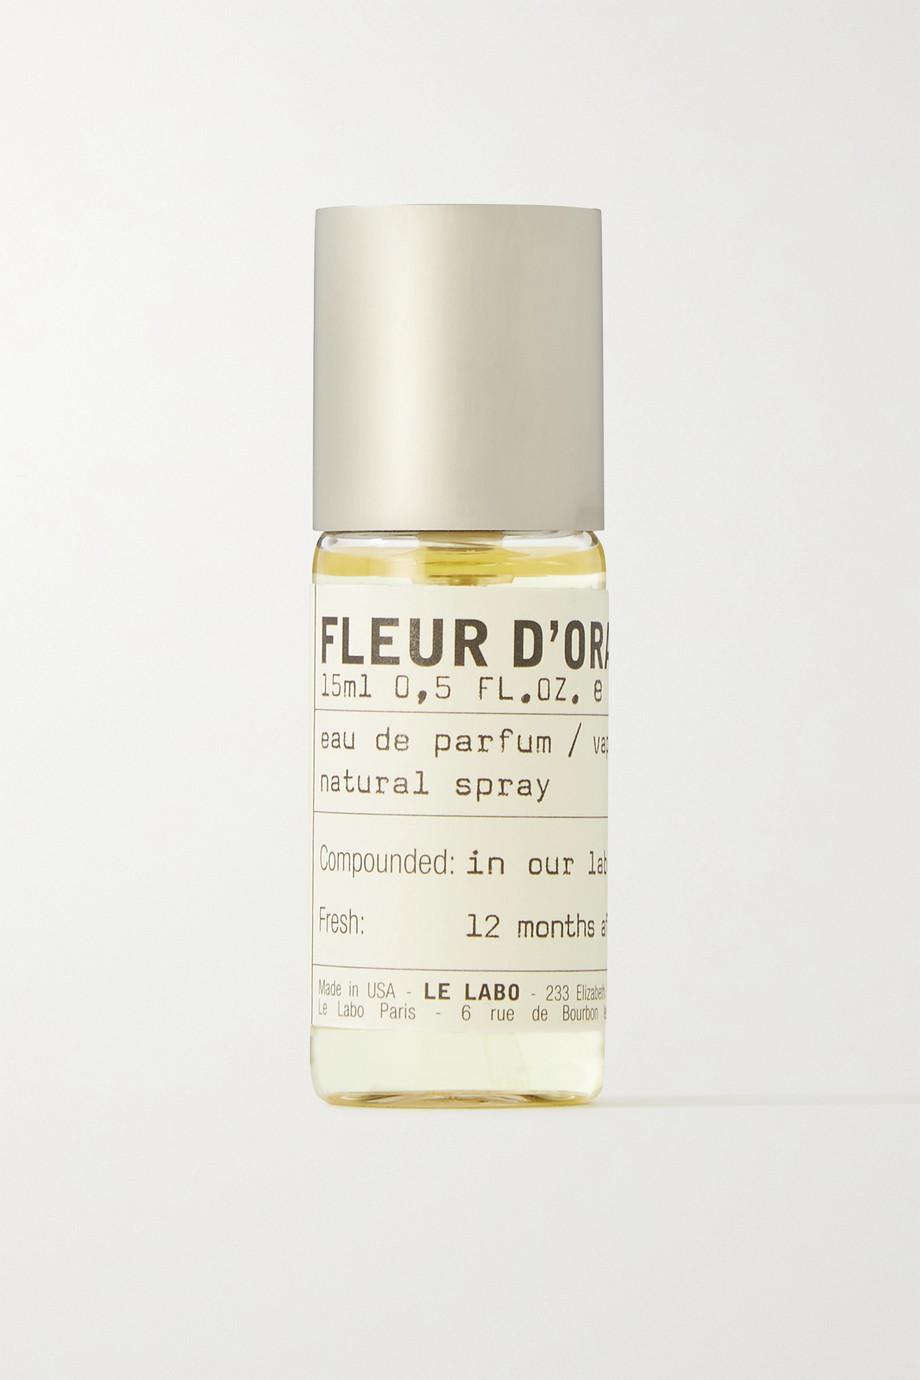 Le Labo Eau de Parfum - Fleur d'Oranger 27, 15ml